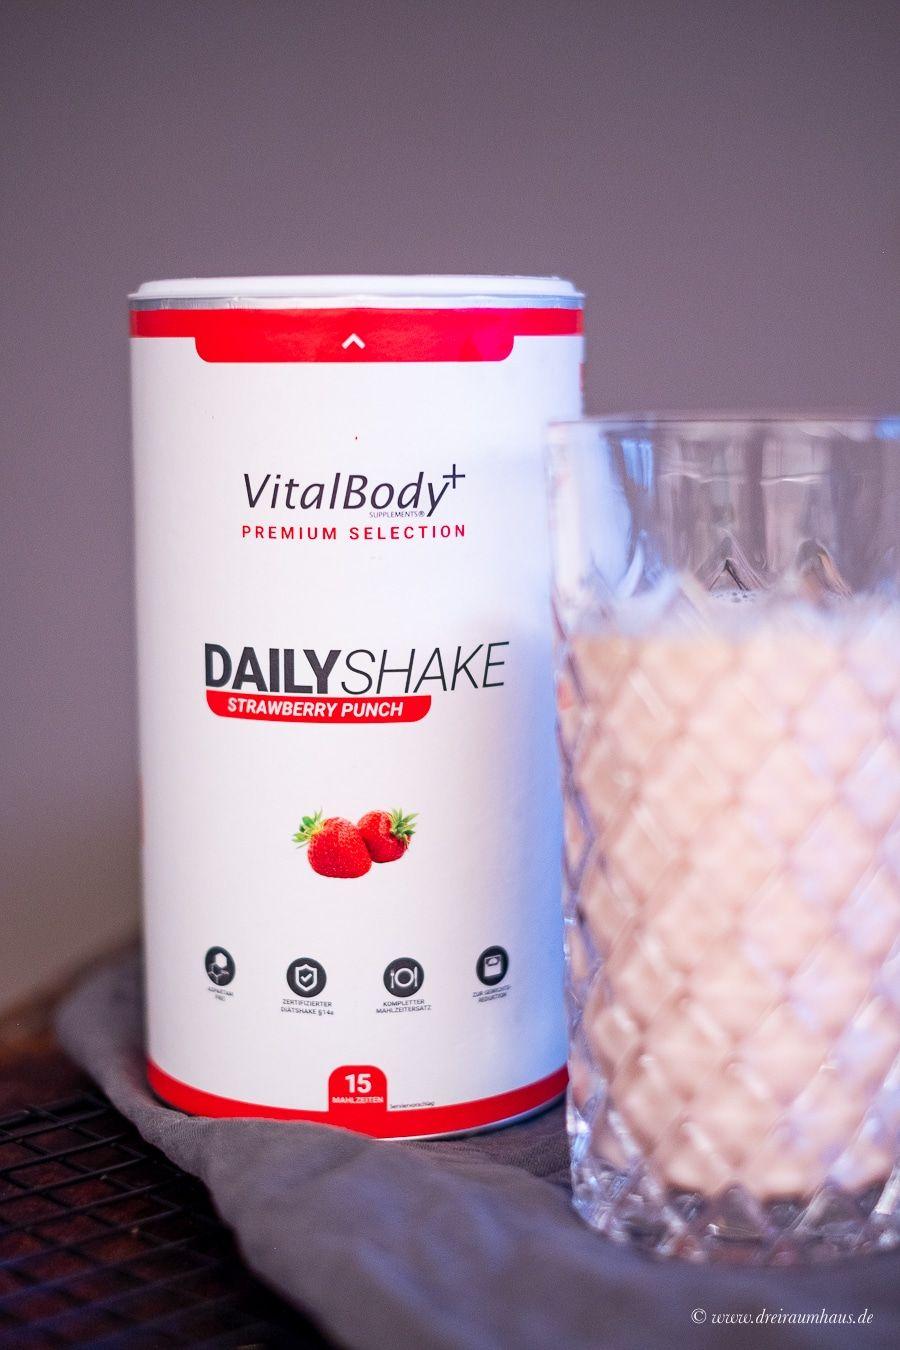 Der DailyShake von VitalBodyPLUS! Motivationsmontag! Eine Soulfood-Bowl mit gezupftem Lachs und was macht eigentliche Deine Stoffwechselkur Andrea?